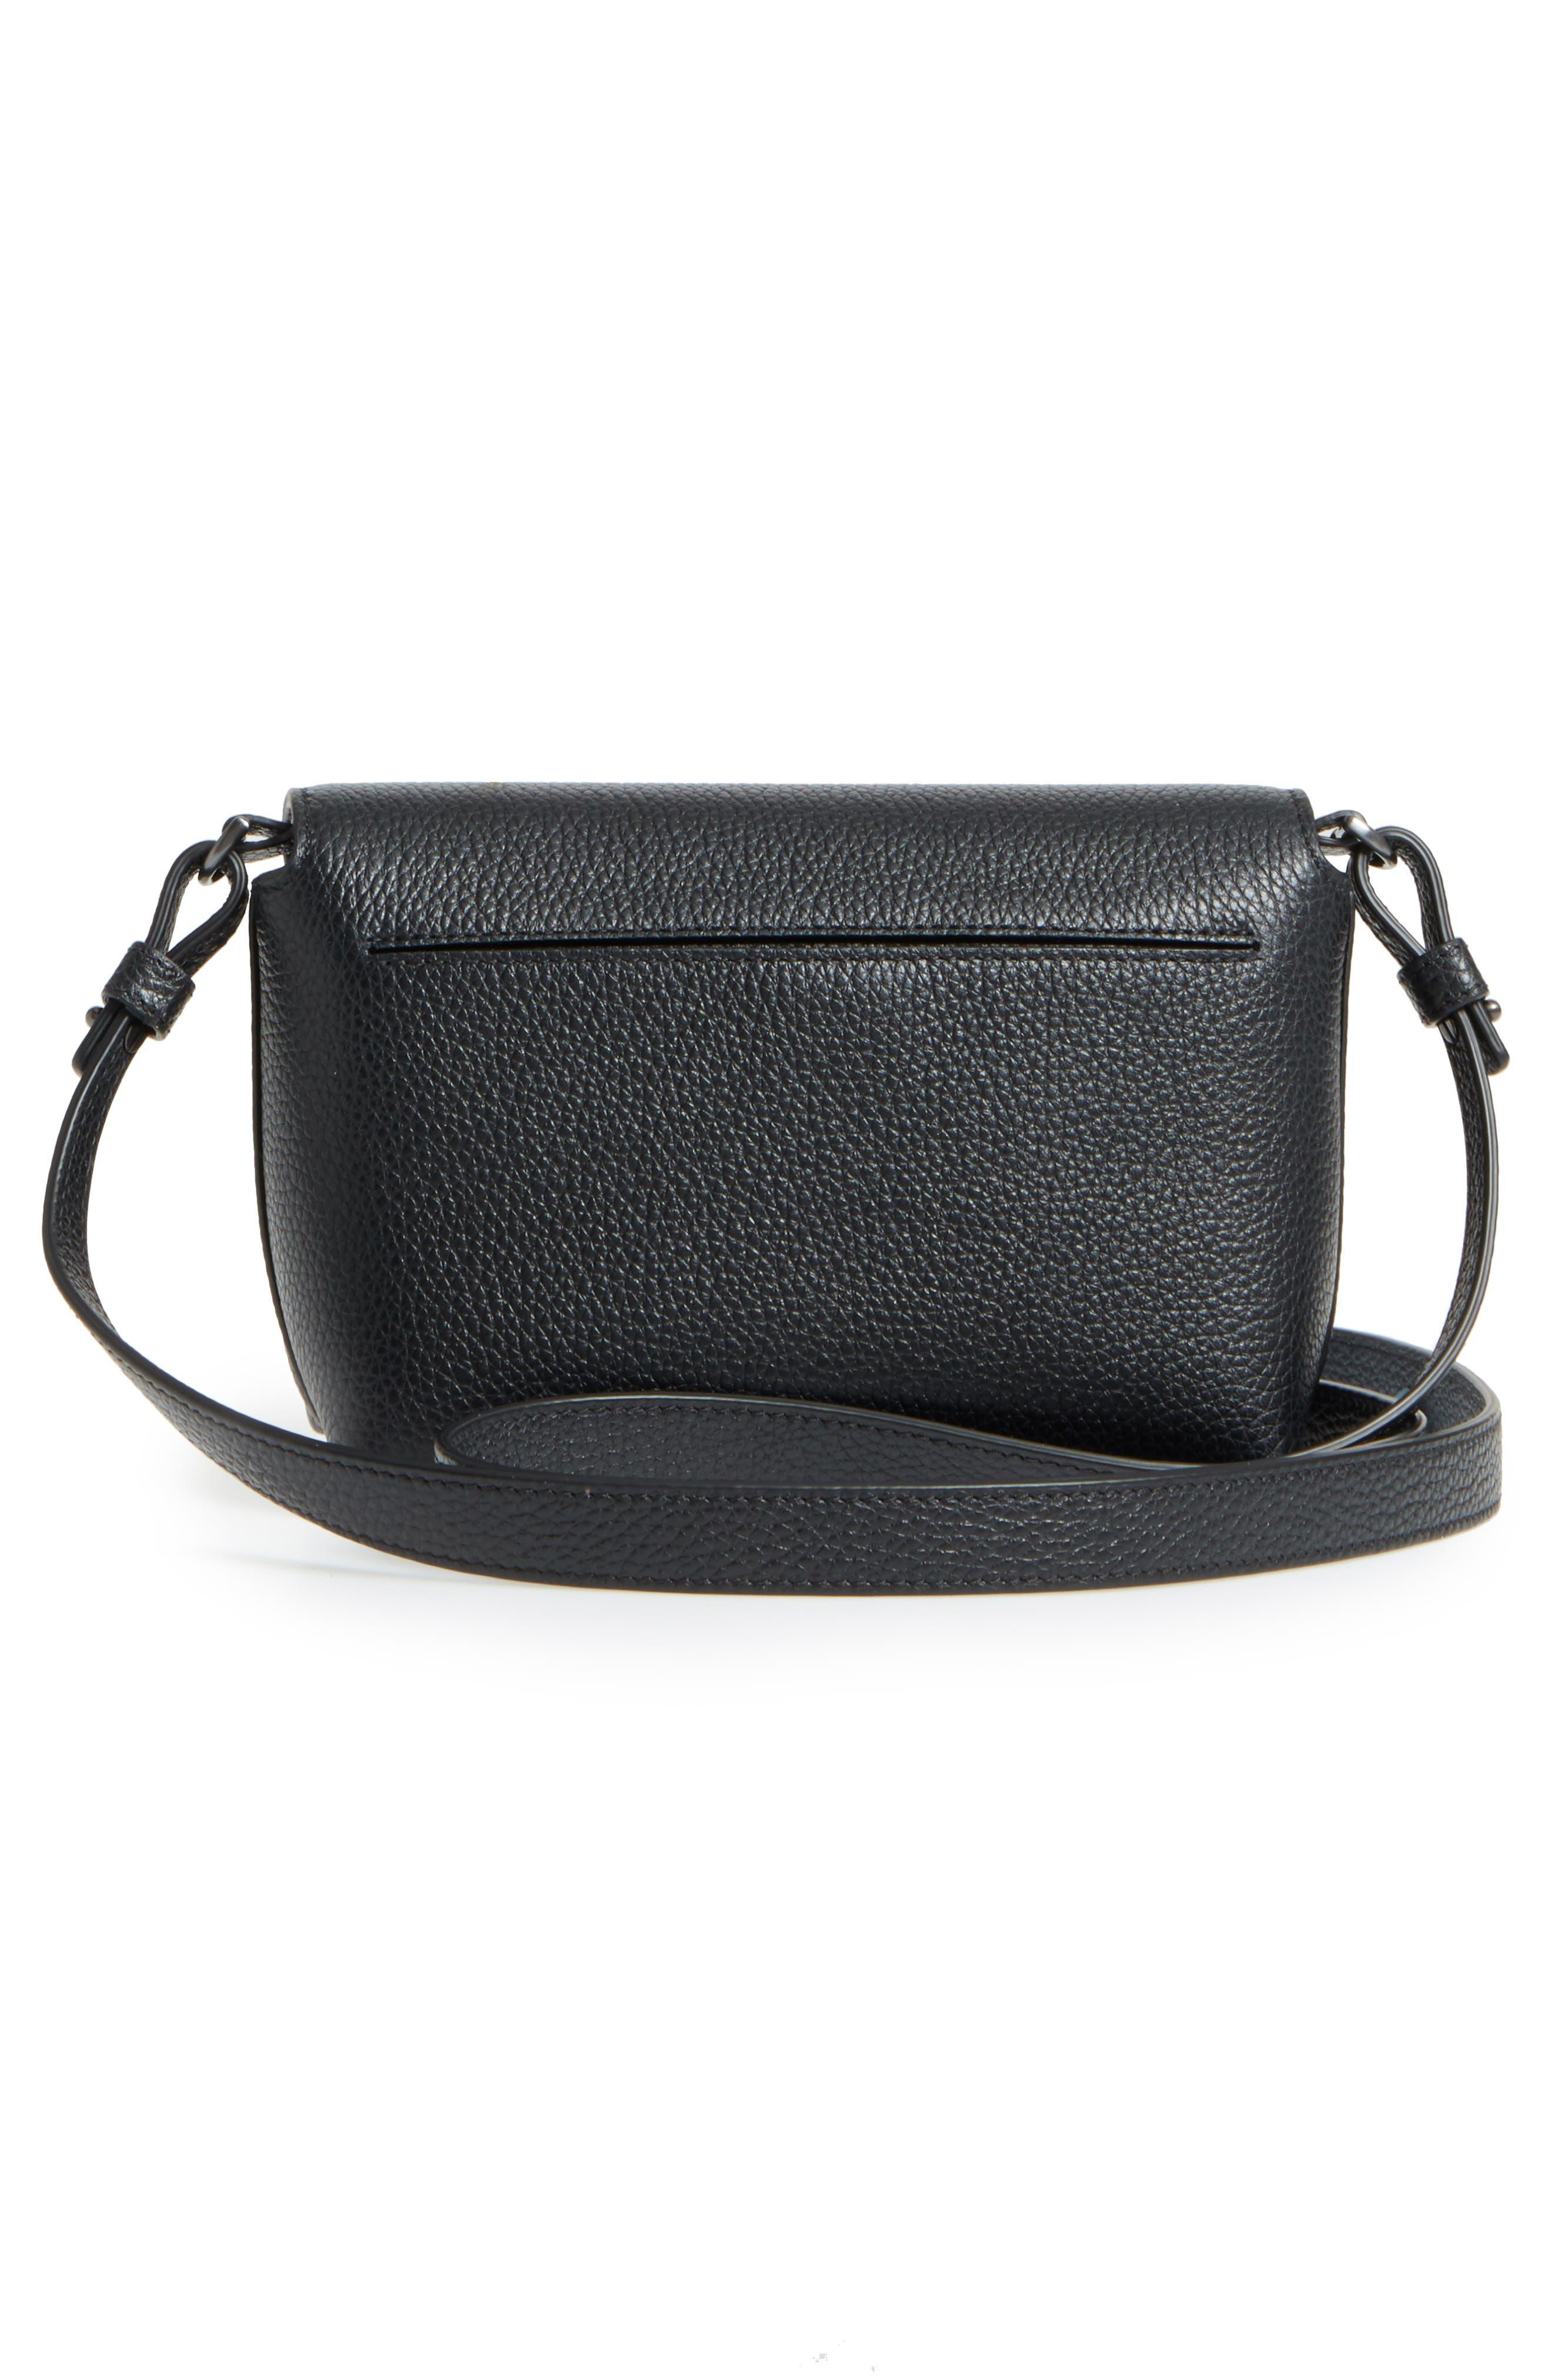 Little Anouk Leather Crossbody Bag,                             Alternate thumbnail 3, color,                             009 BLACK